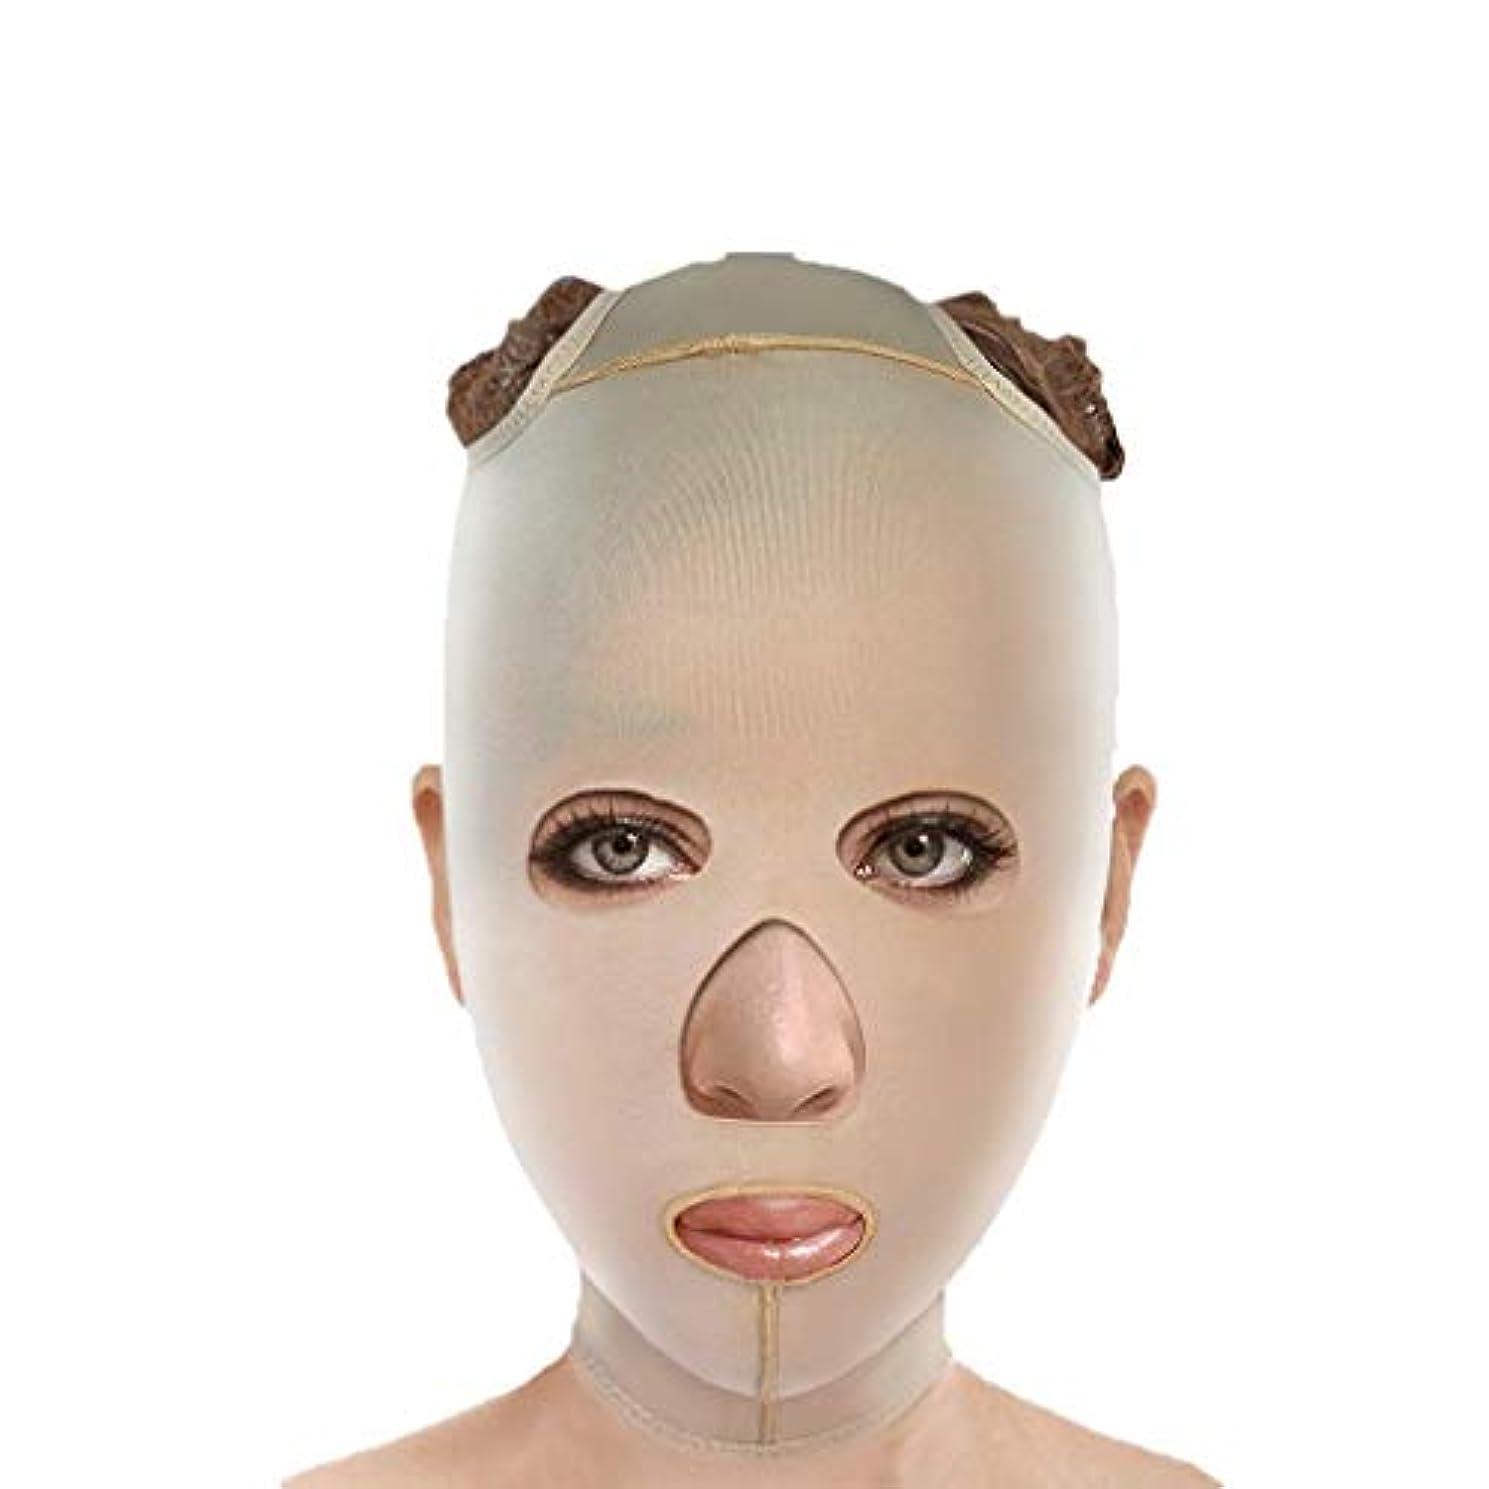 はい知覚する同様にチンストラップ、フェイスリフティング、アンチエイジングフェイシャル包帯、フェイシャル減量マスク、ファーミングマスク、フェイシャルリフティングアーティファクト(サイズ:S),S